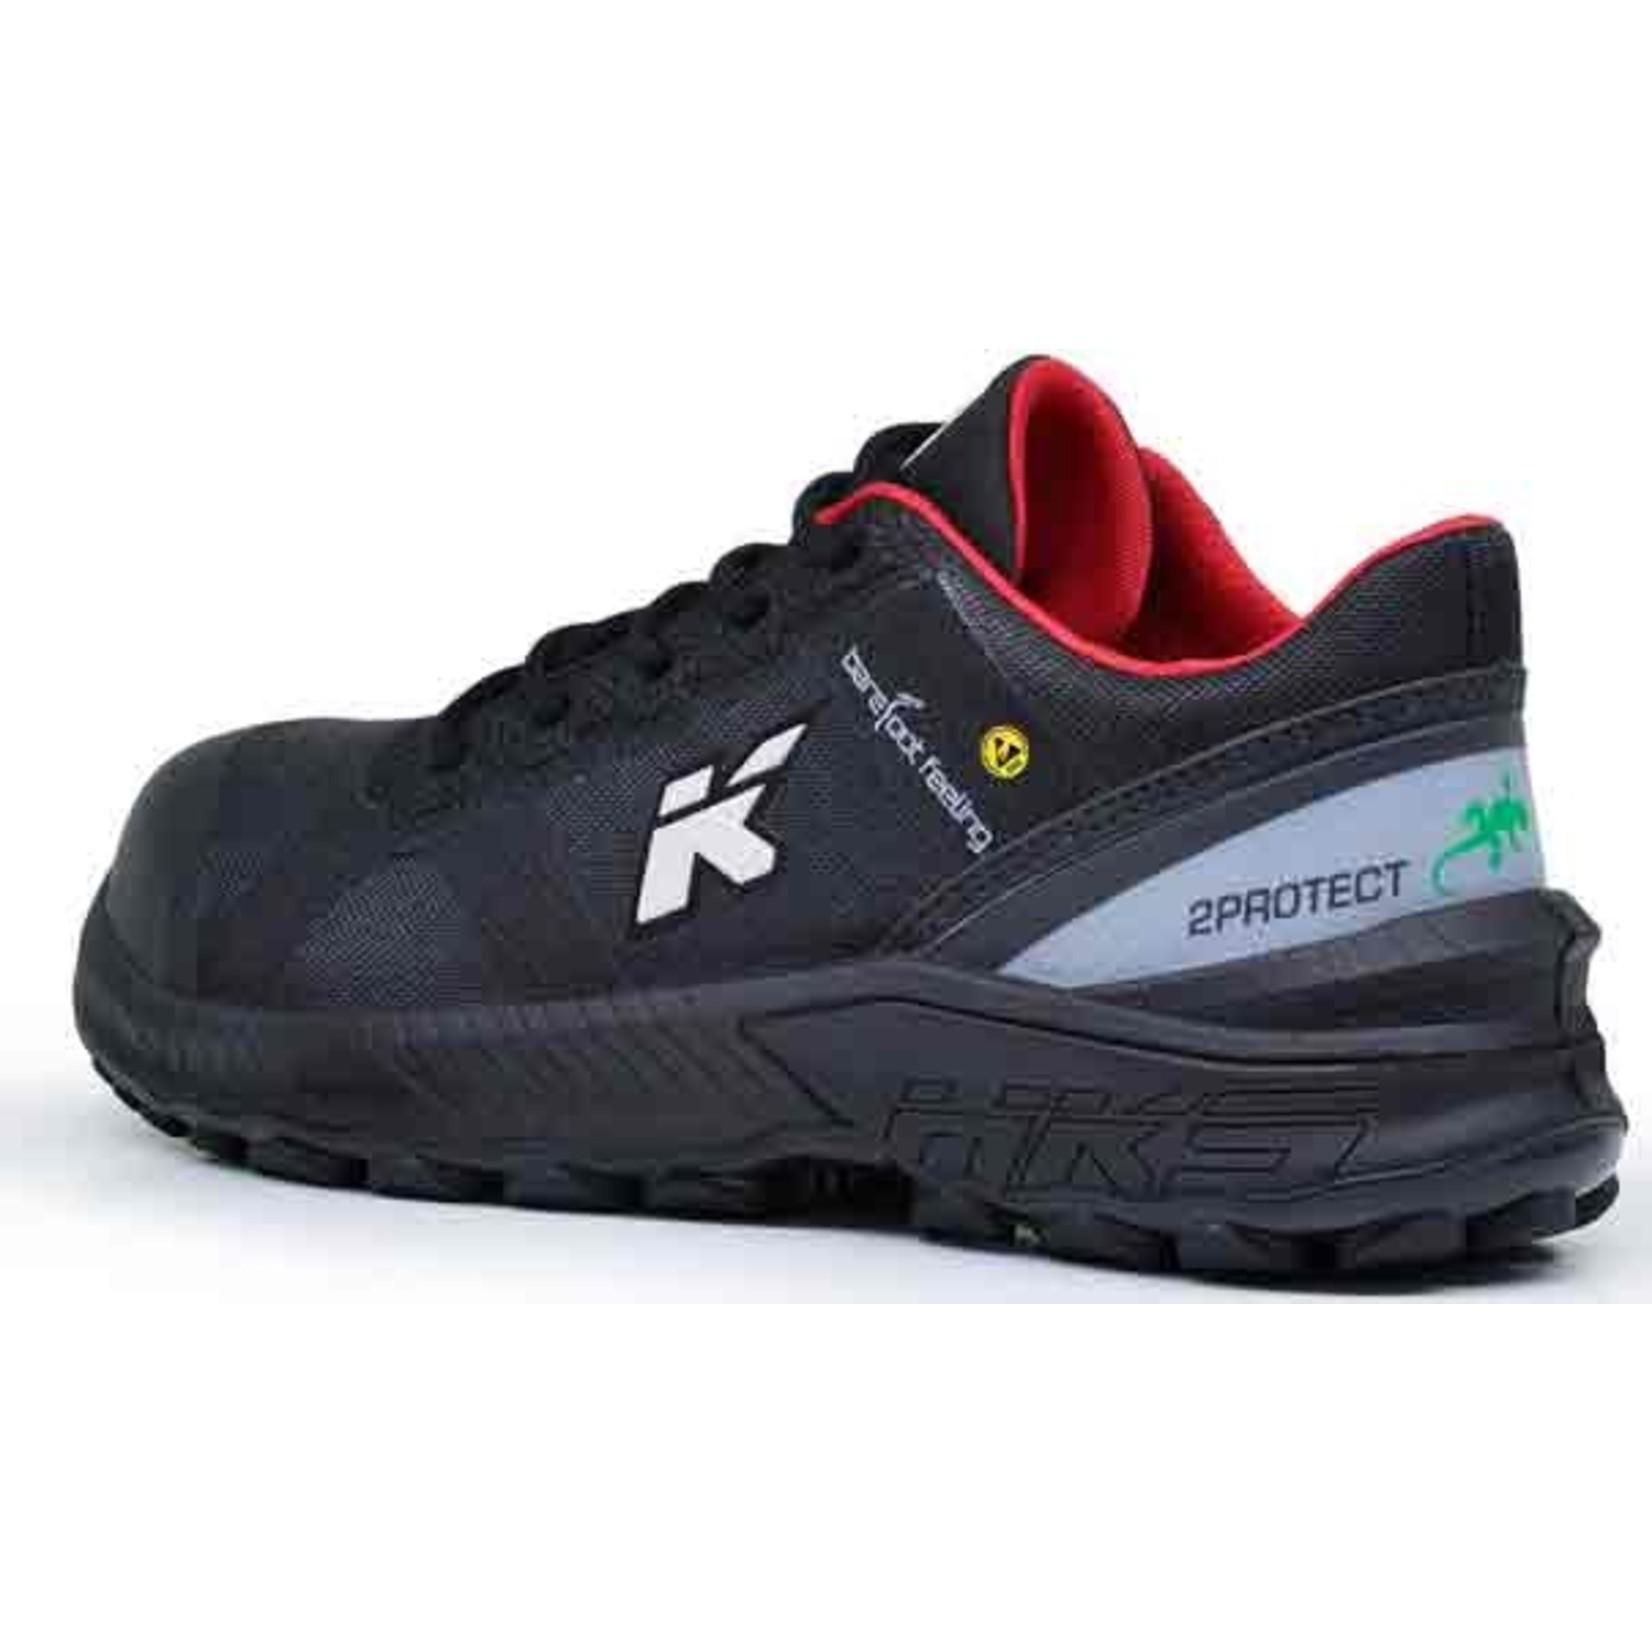 HKS werkschoenen HKS barefoot 31